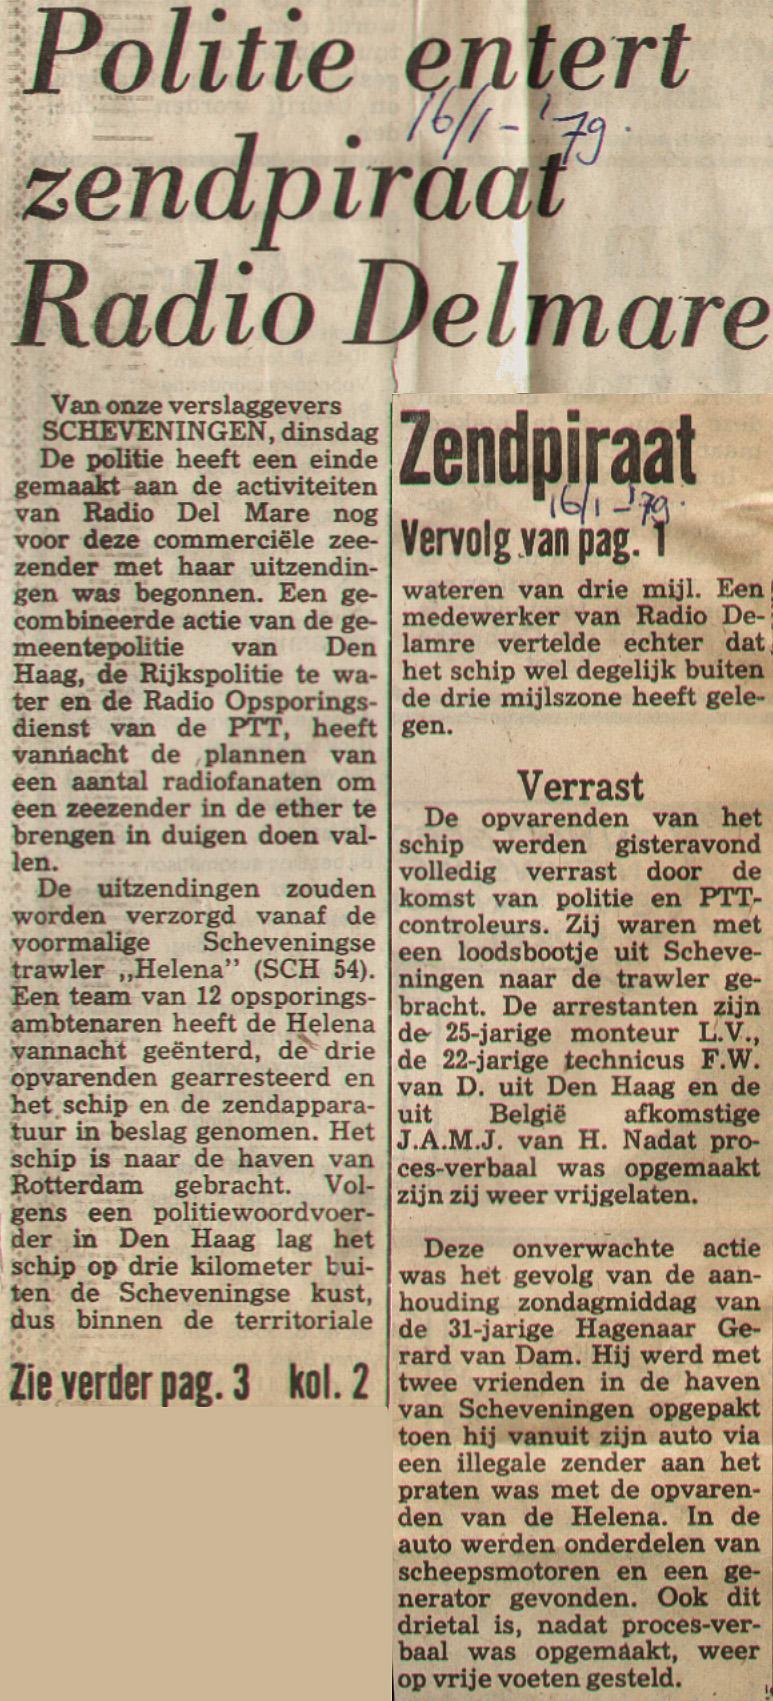 19790116_Delmare_politie_entert_zendpiraat.jpg